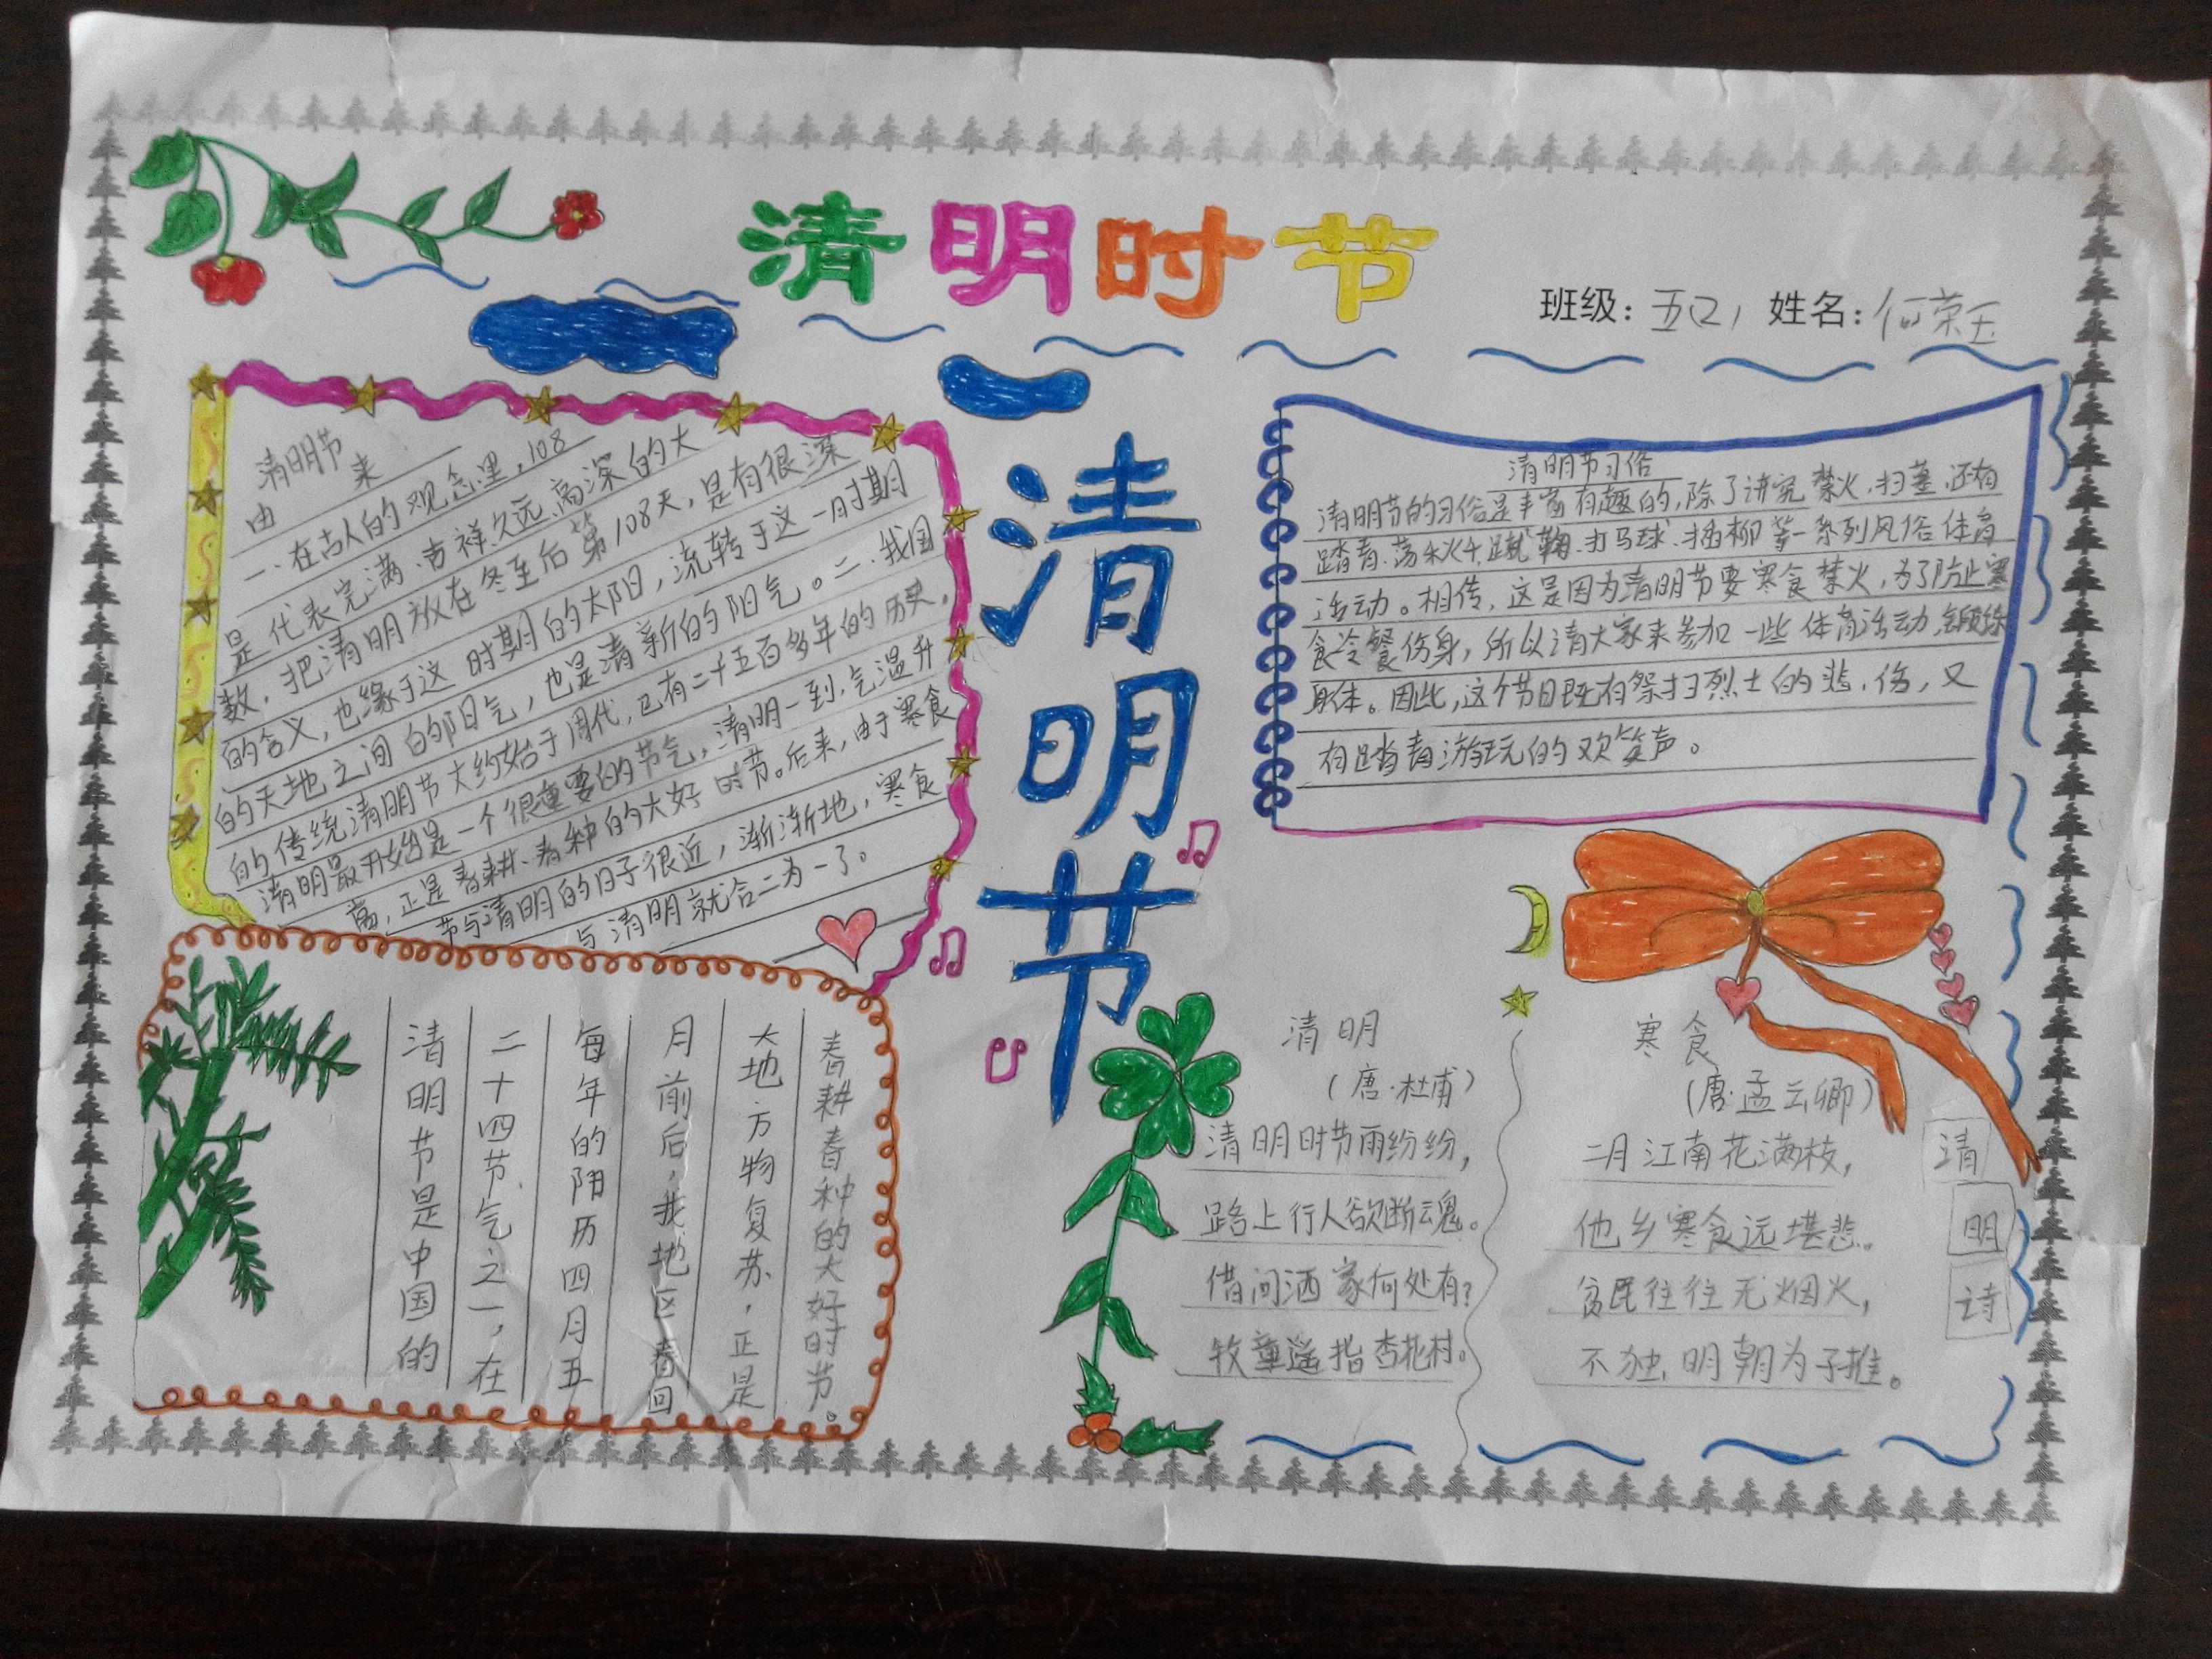 2016年清明节手抄报